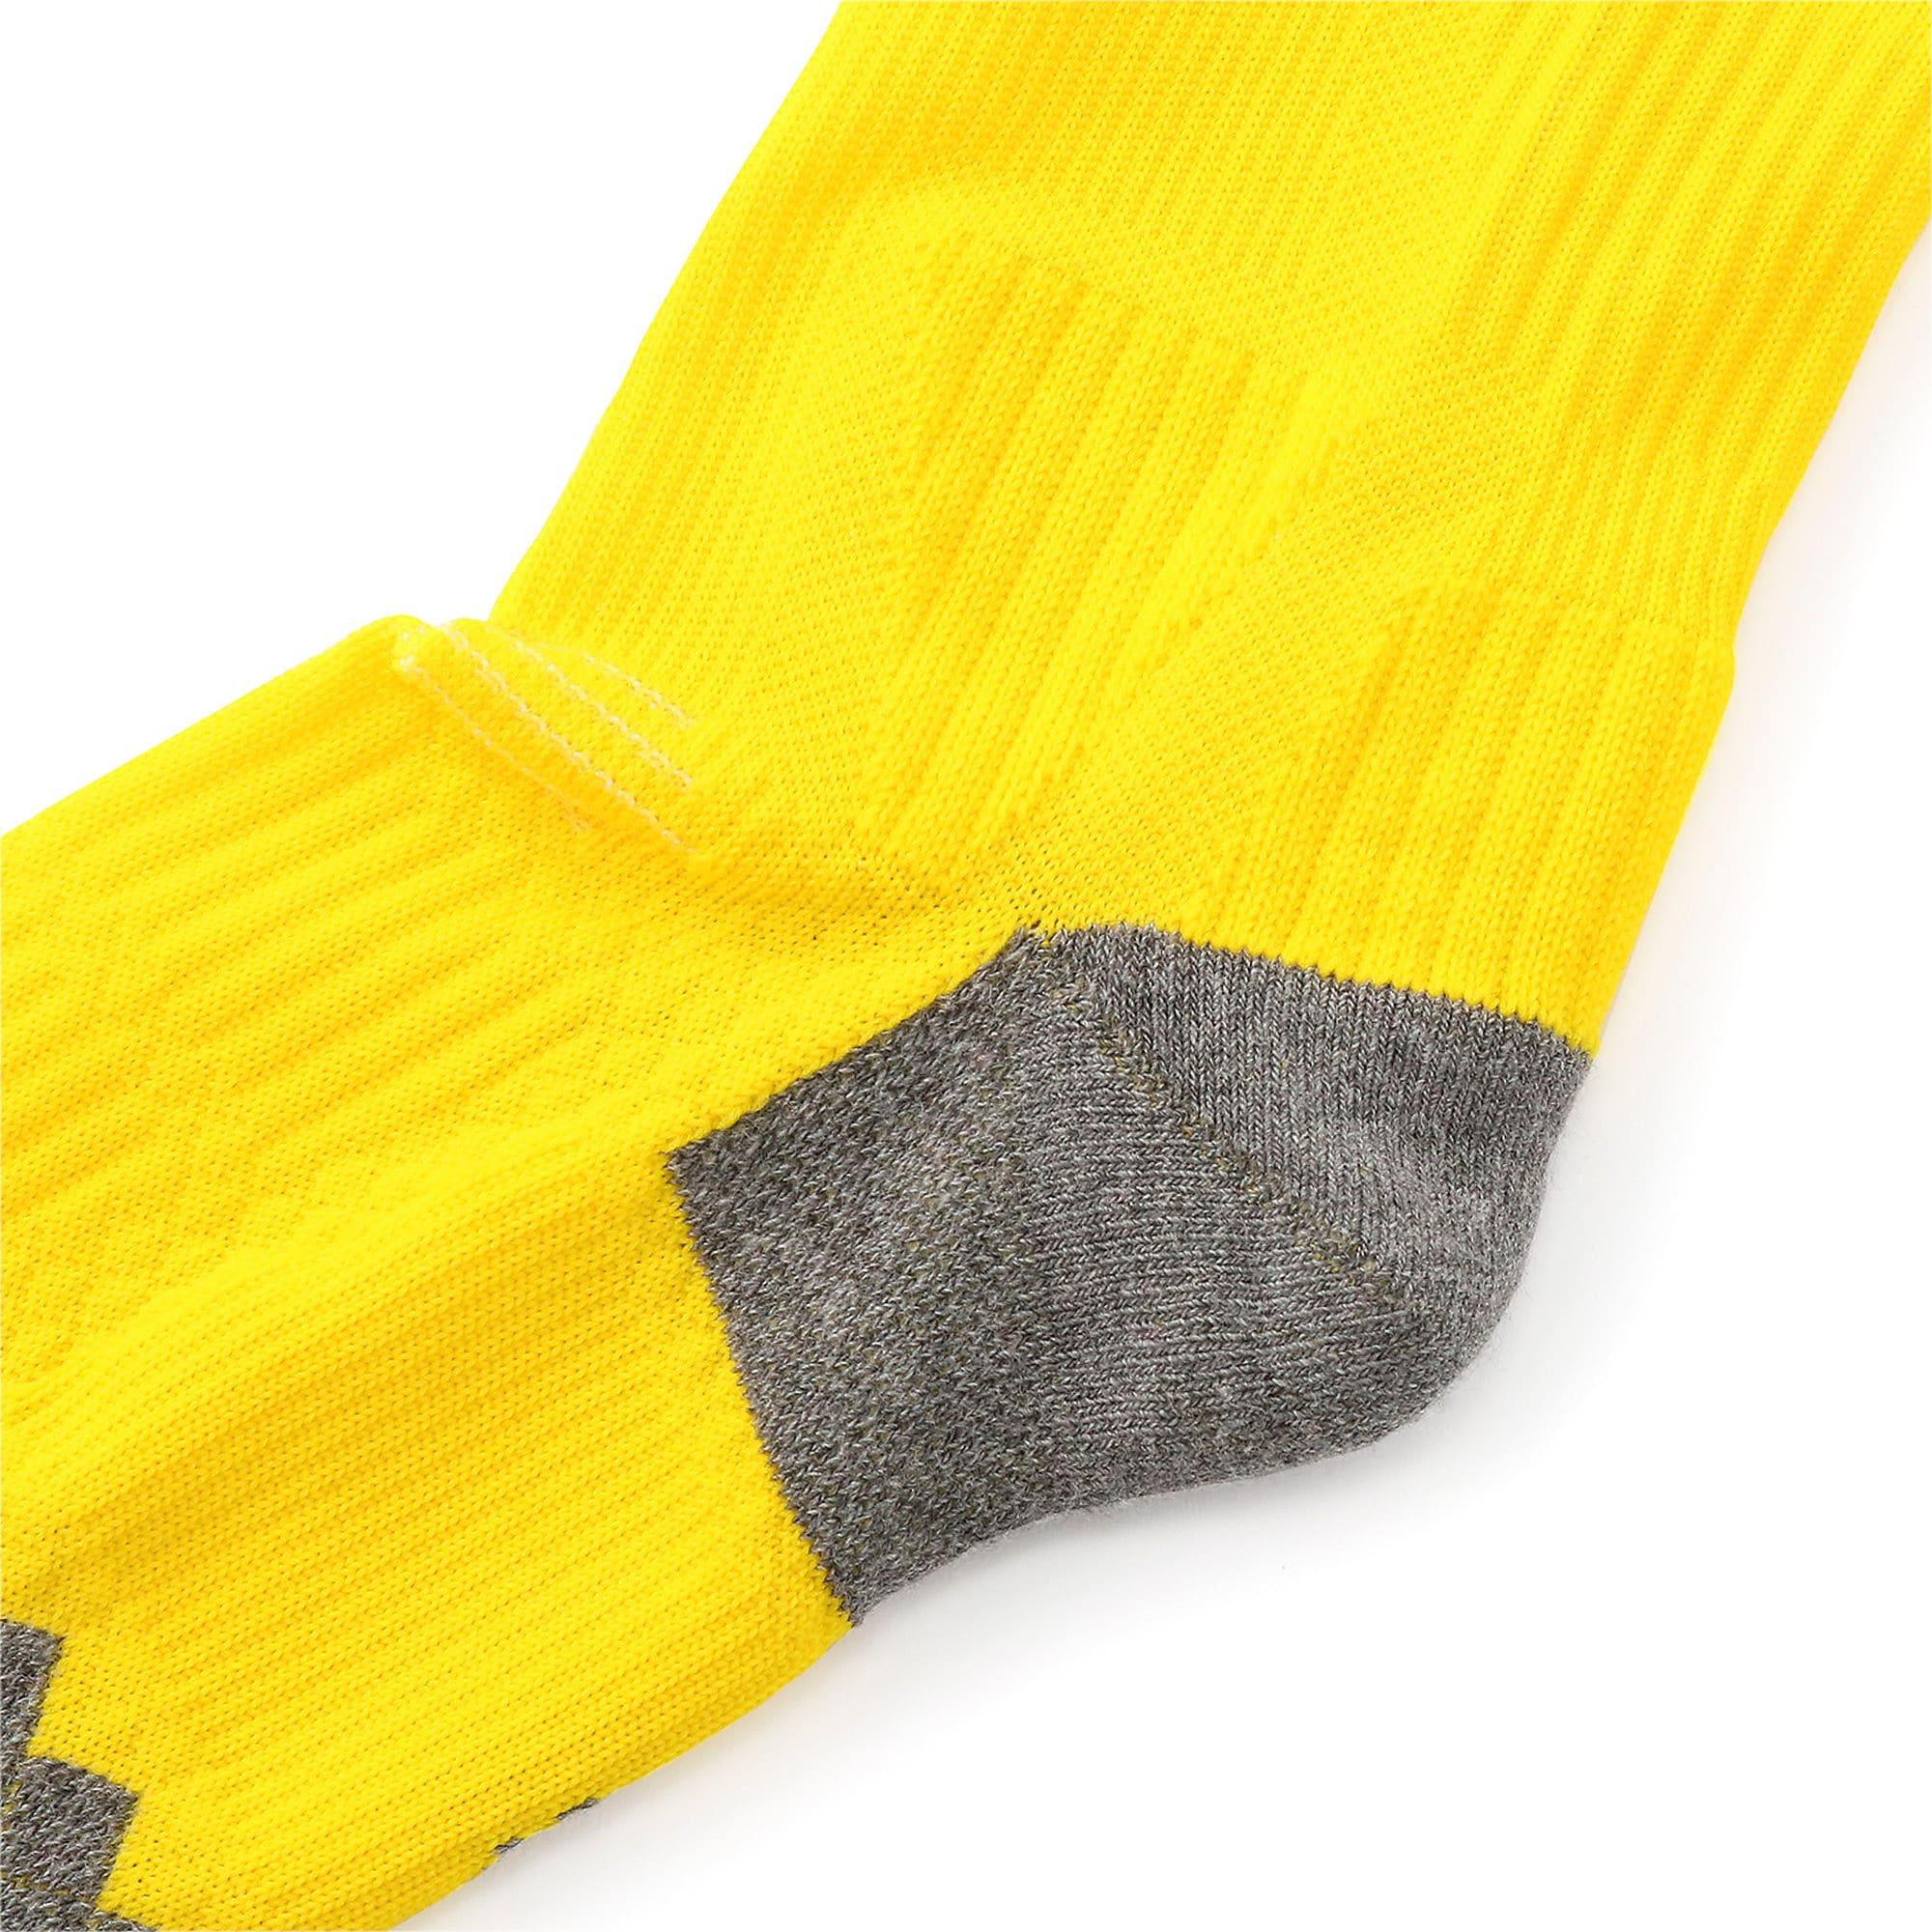 Thumbnail 5 of ドルトムント BVB スパイラル ストッキング, Cyber Yellow-Puma Black, medium-JPN